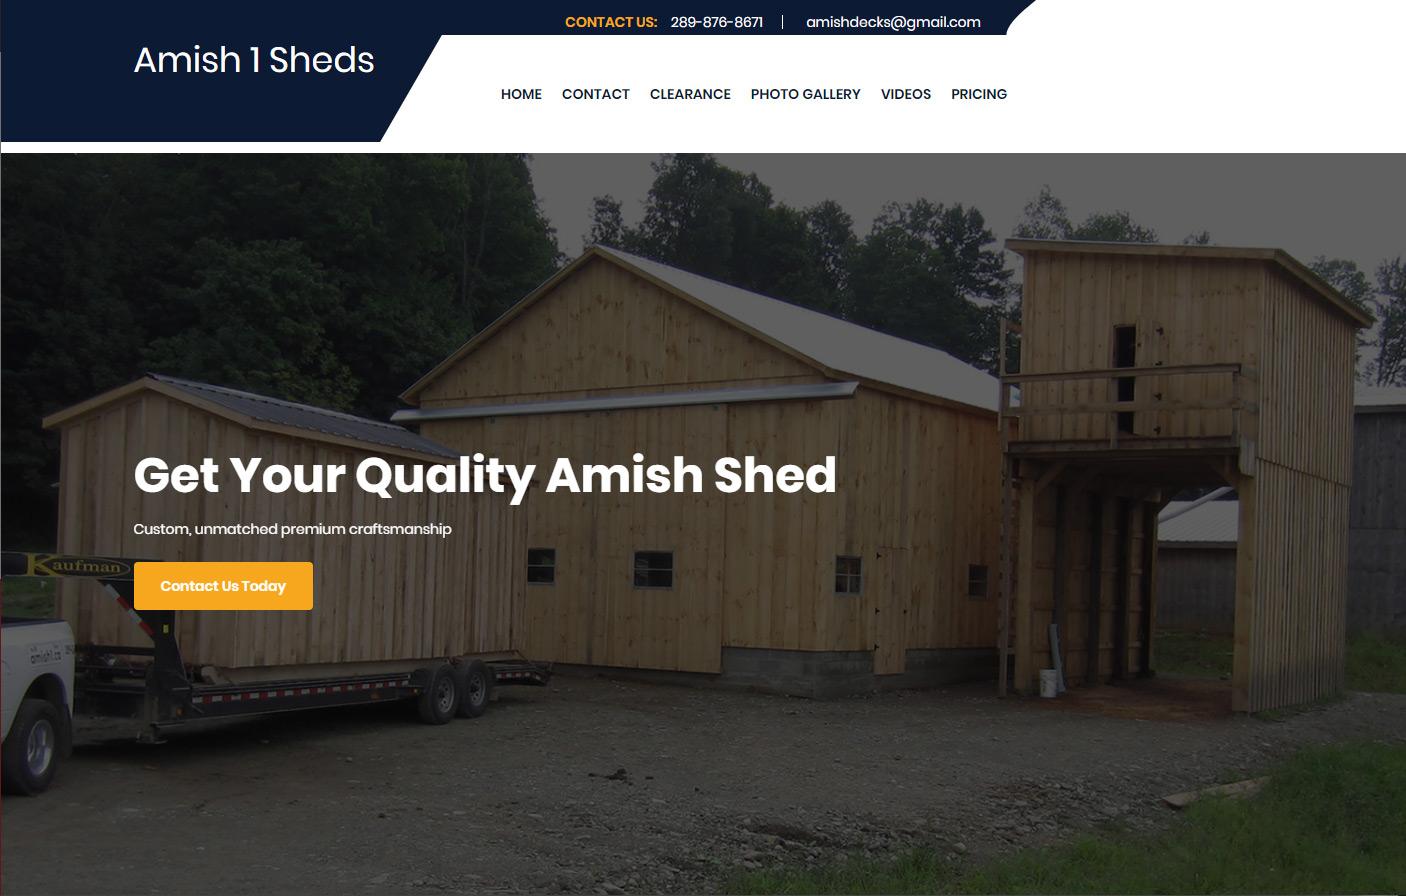 Amish 1 Sheds